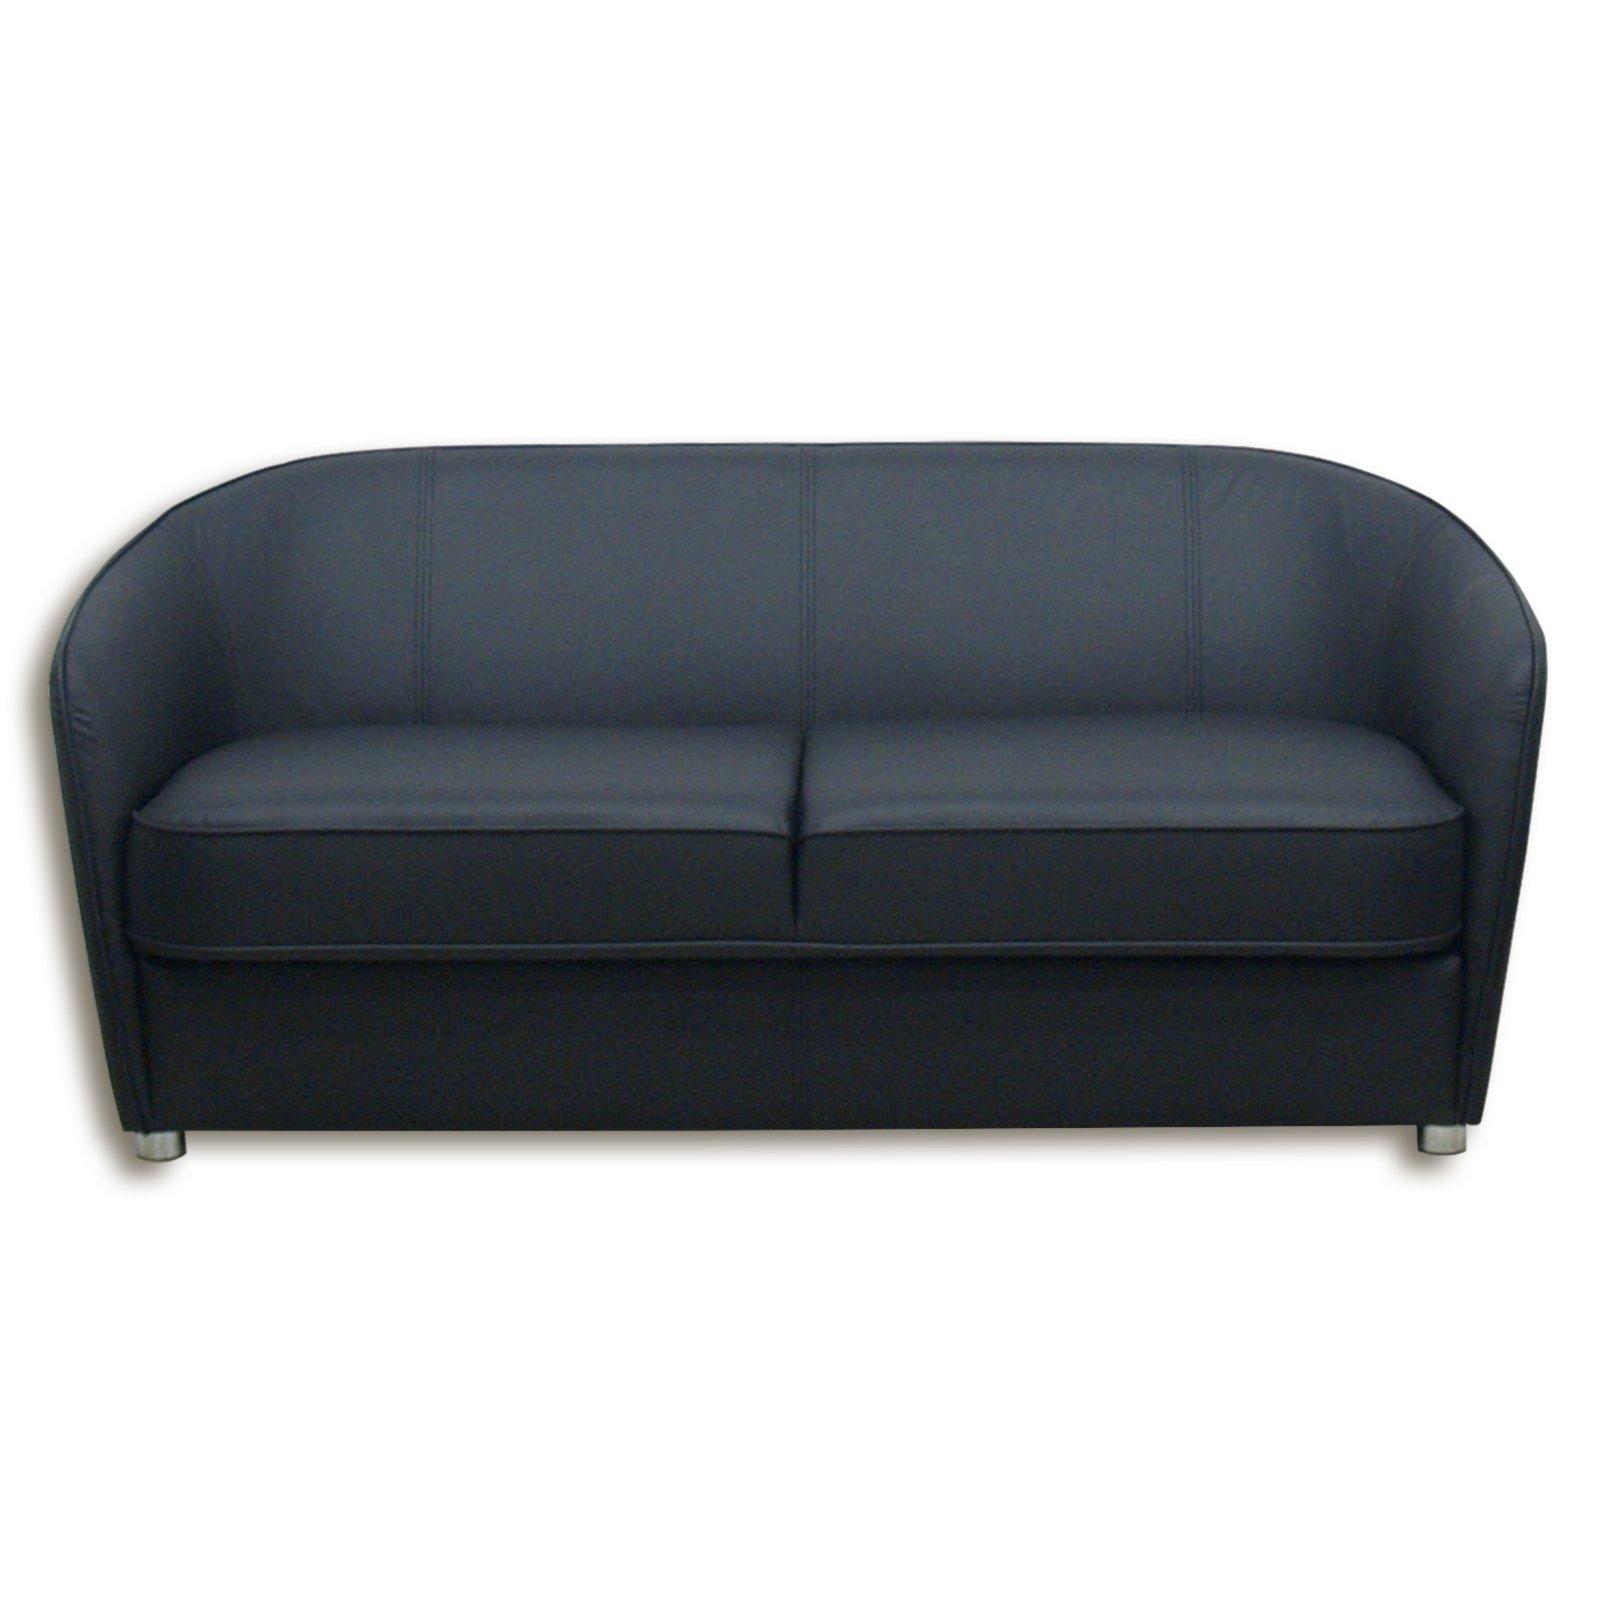 megapol sofa isola best italian makers pflegemittel fur kunstleder proscar